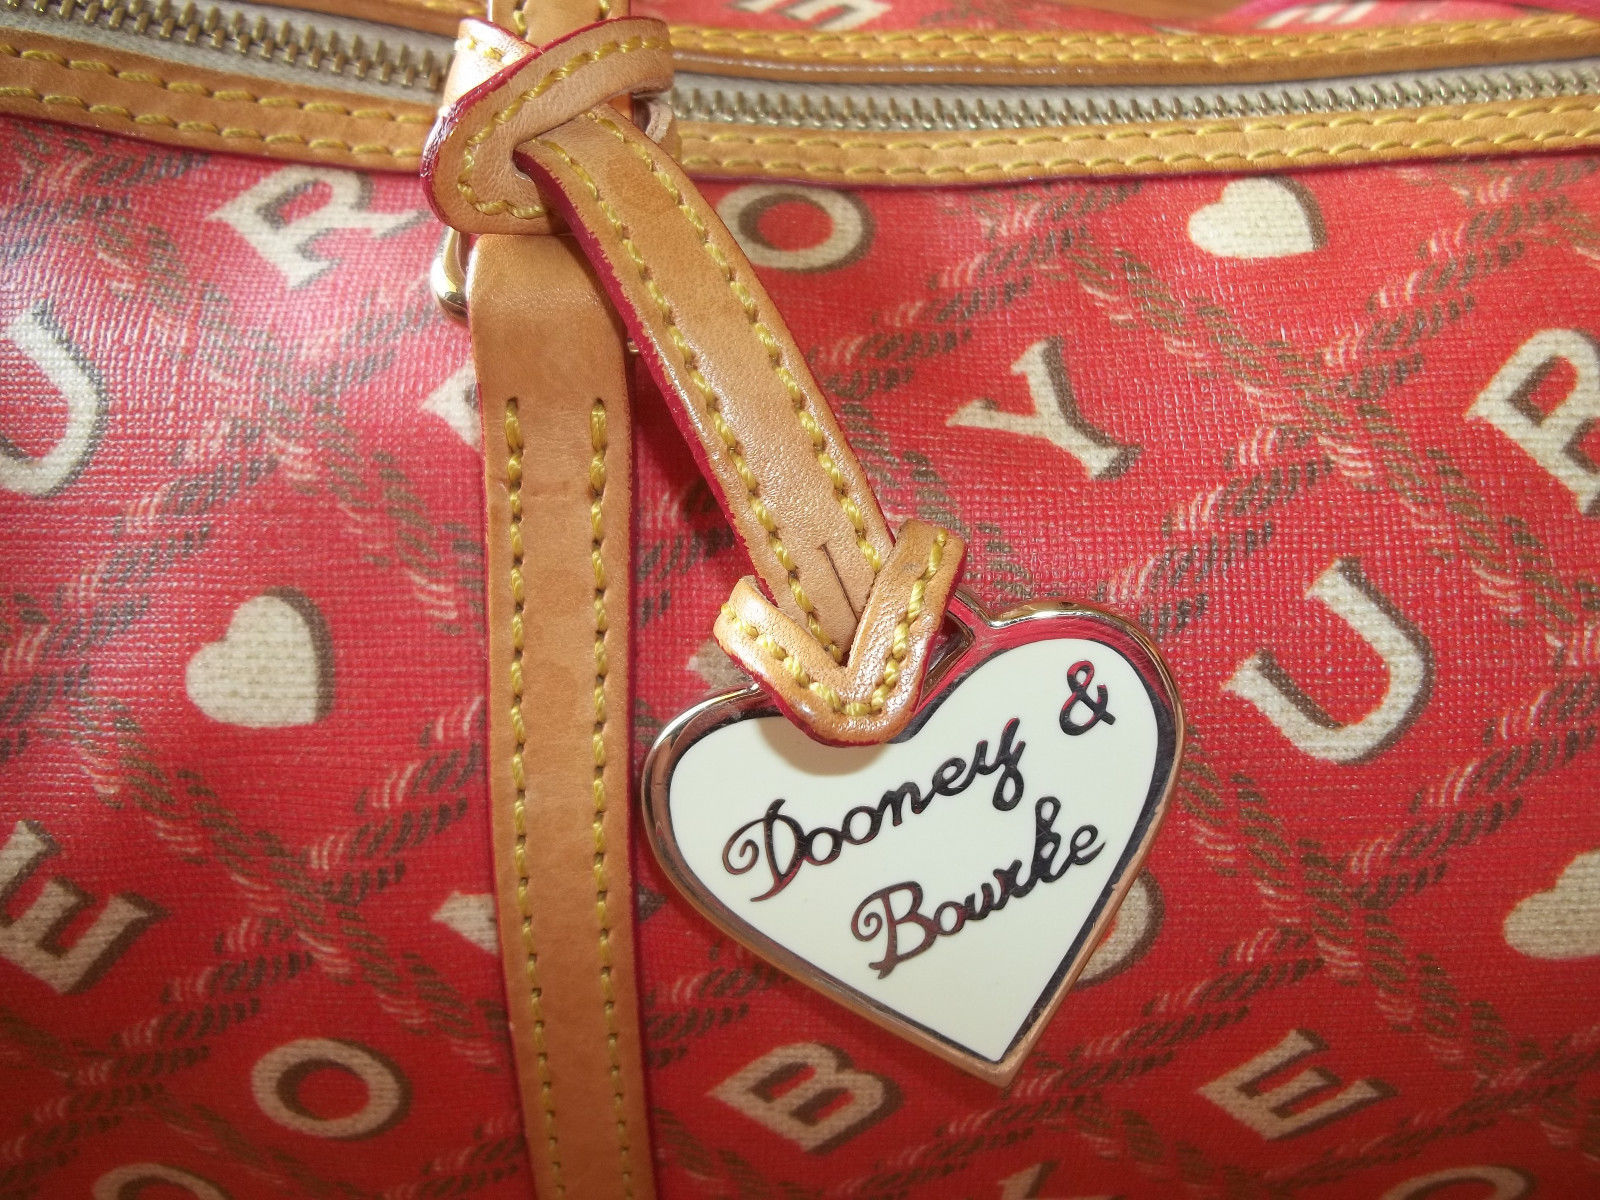 Dooney & Bourke Red Crossword Barrel Bag Handbag image 8